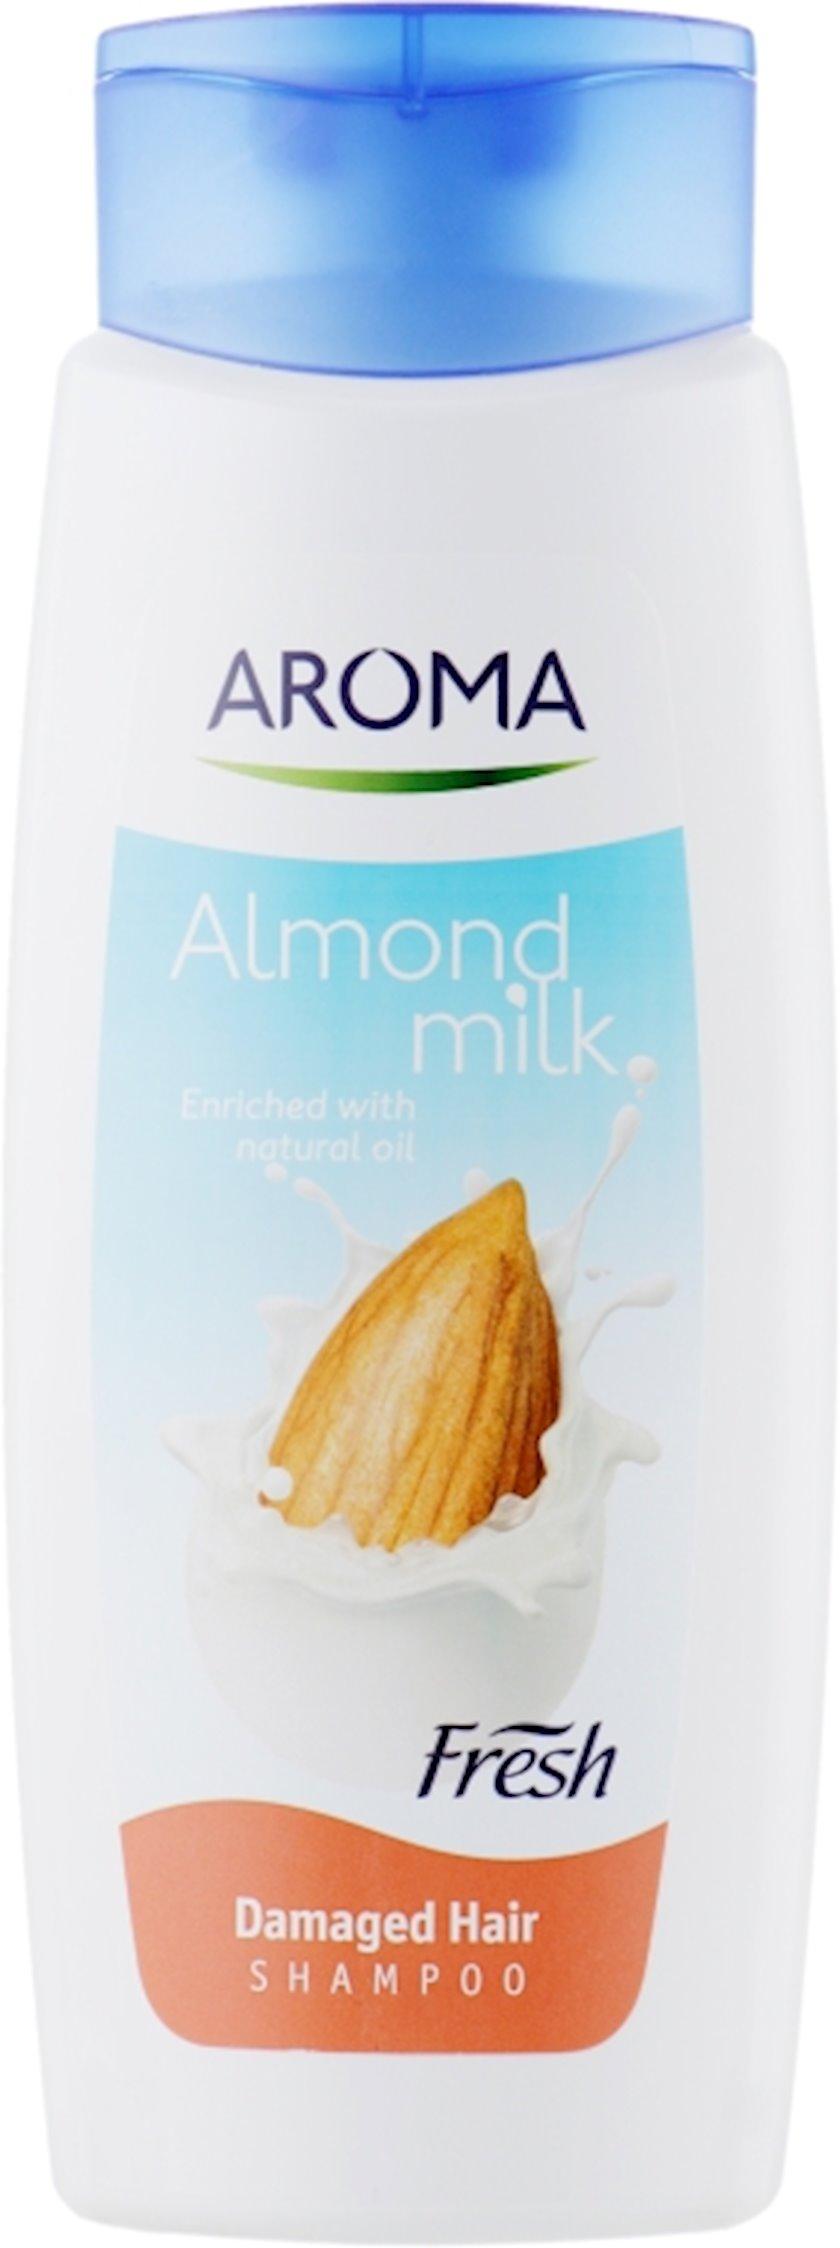 Şampun Aroma Fresh Almond Milk zədələnmiş saçlar üçün 400 ml